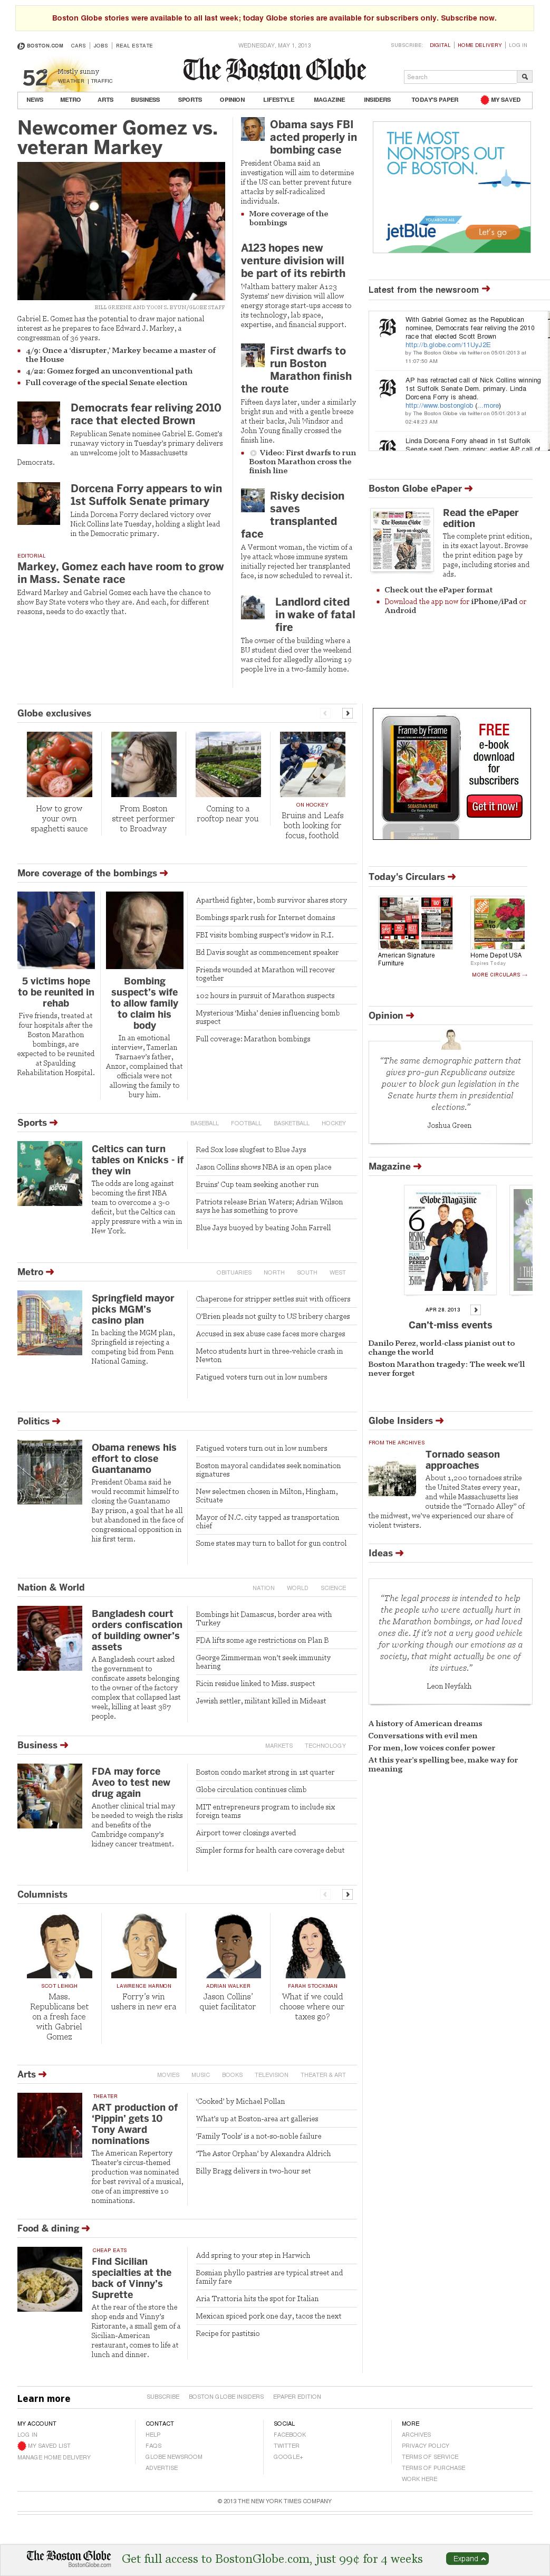 The Boston Globe at Wednesday May 1, 2013, 12:02 p.m. UTC